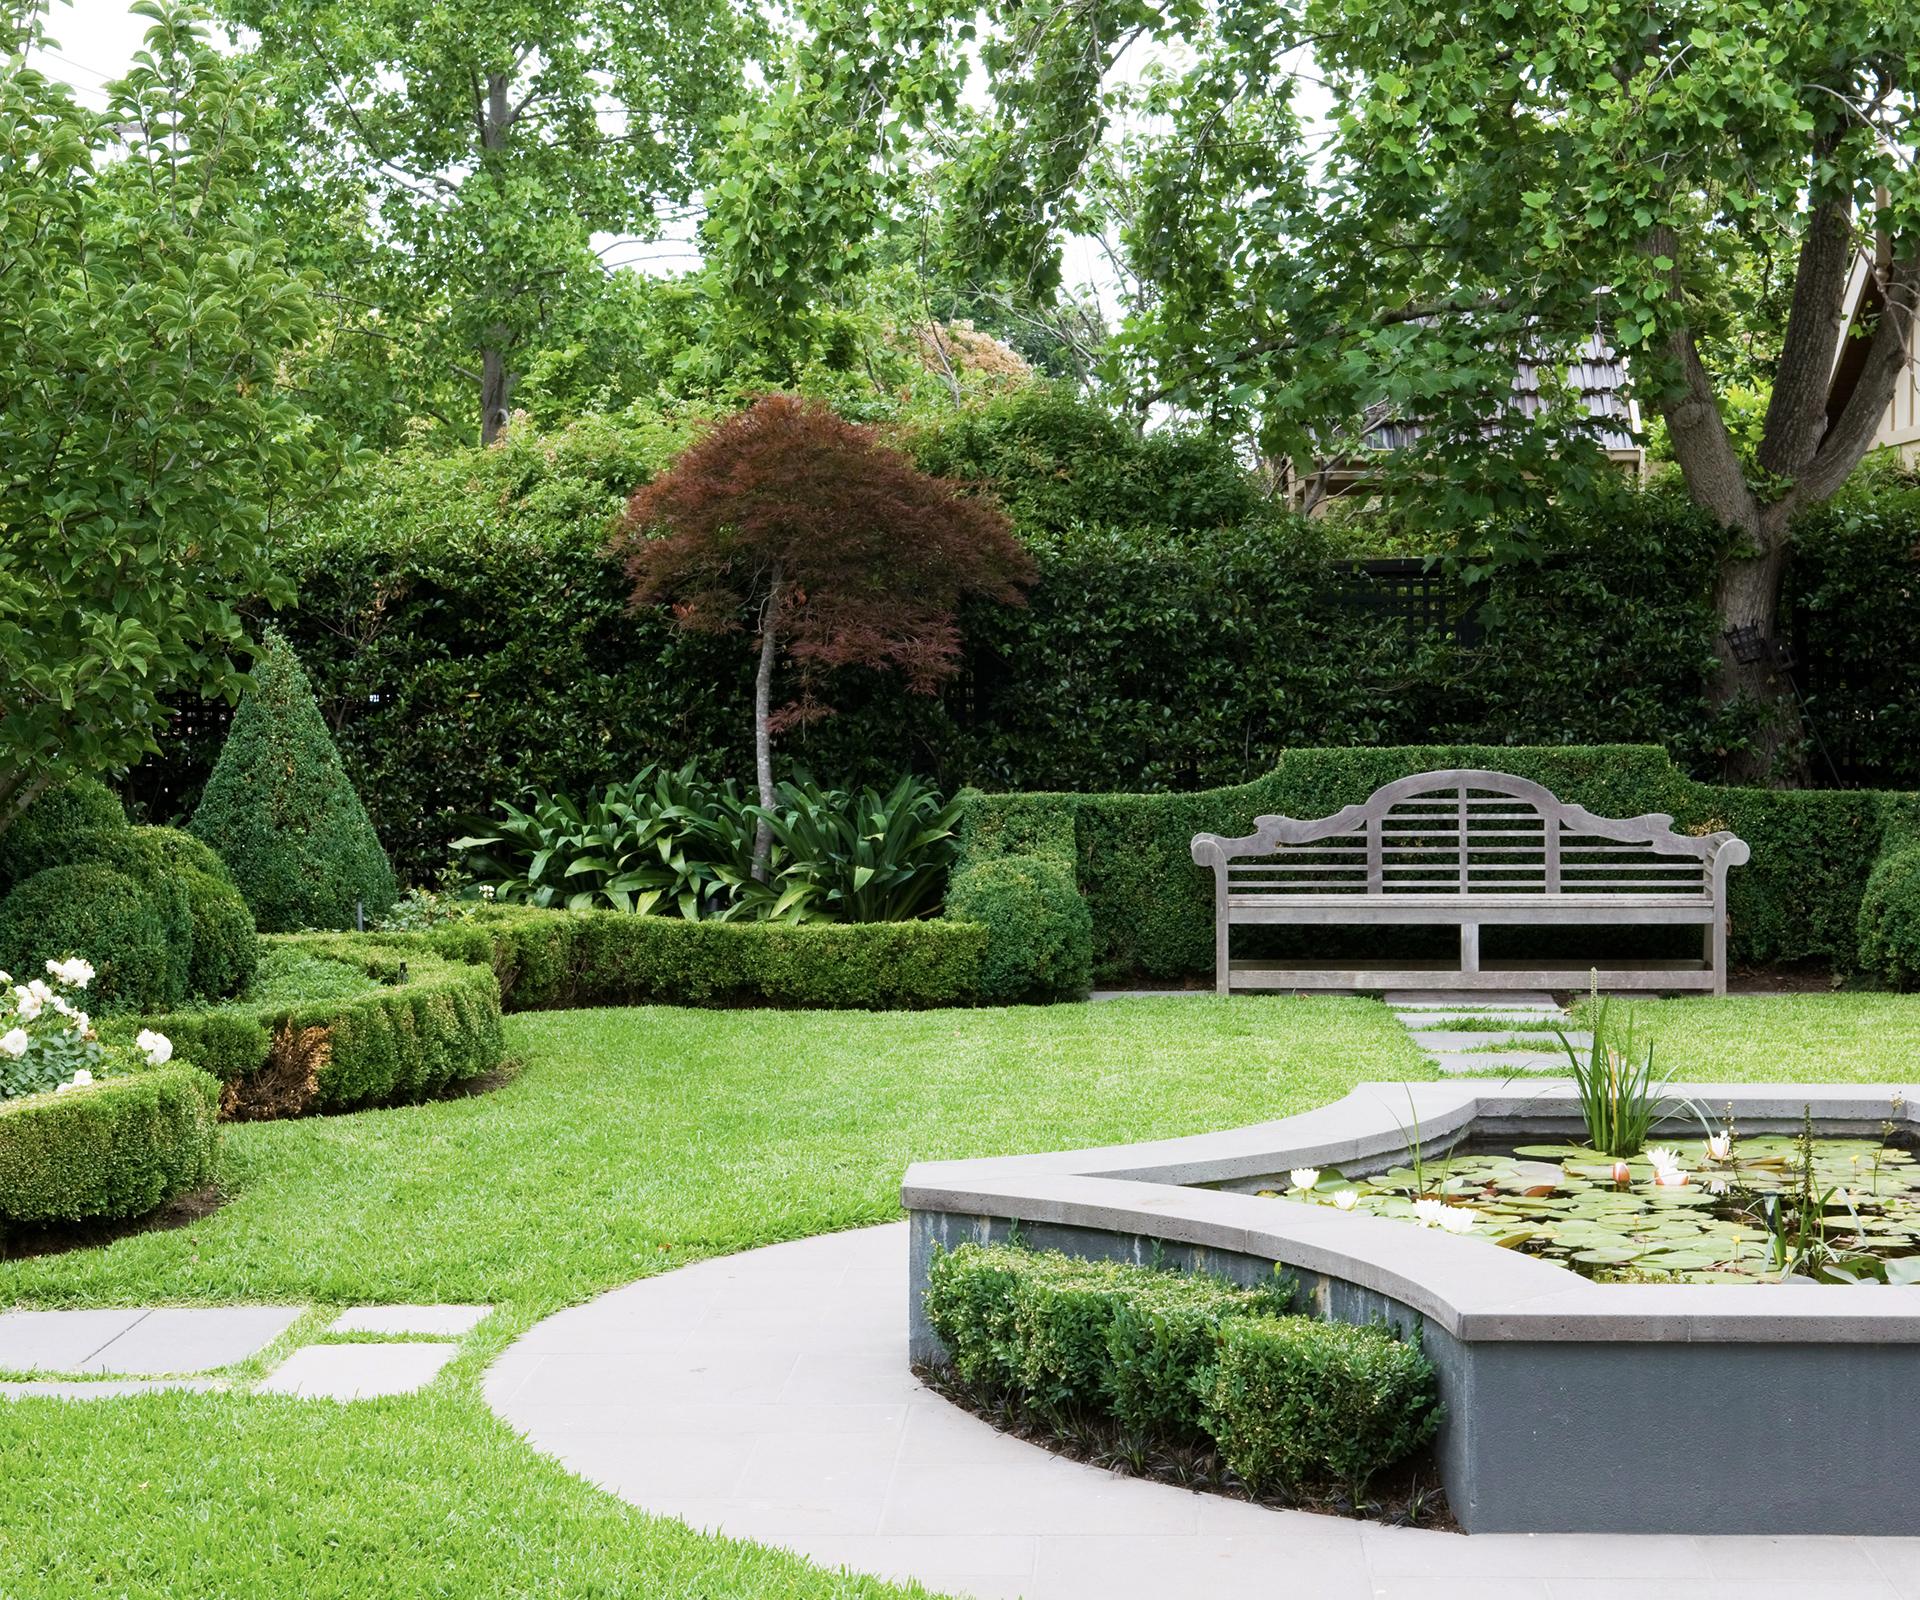 Formal english garden plan the image for Formal english garden designs